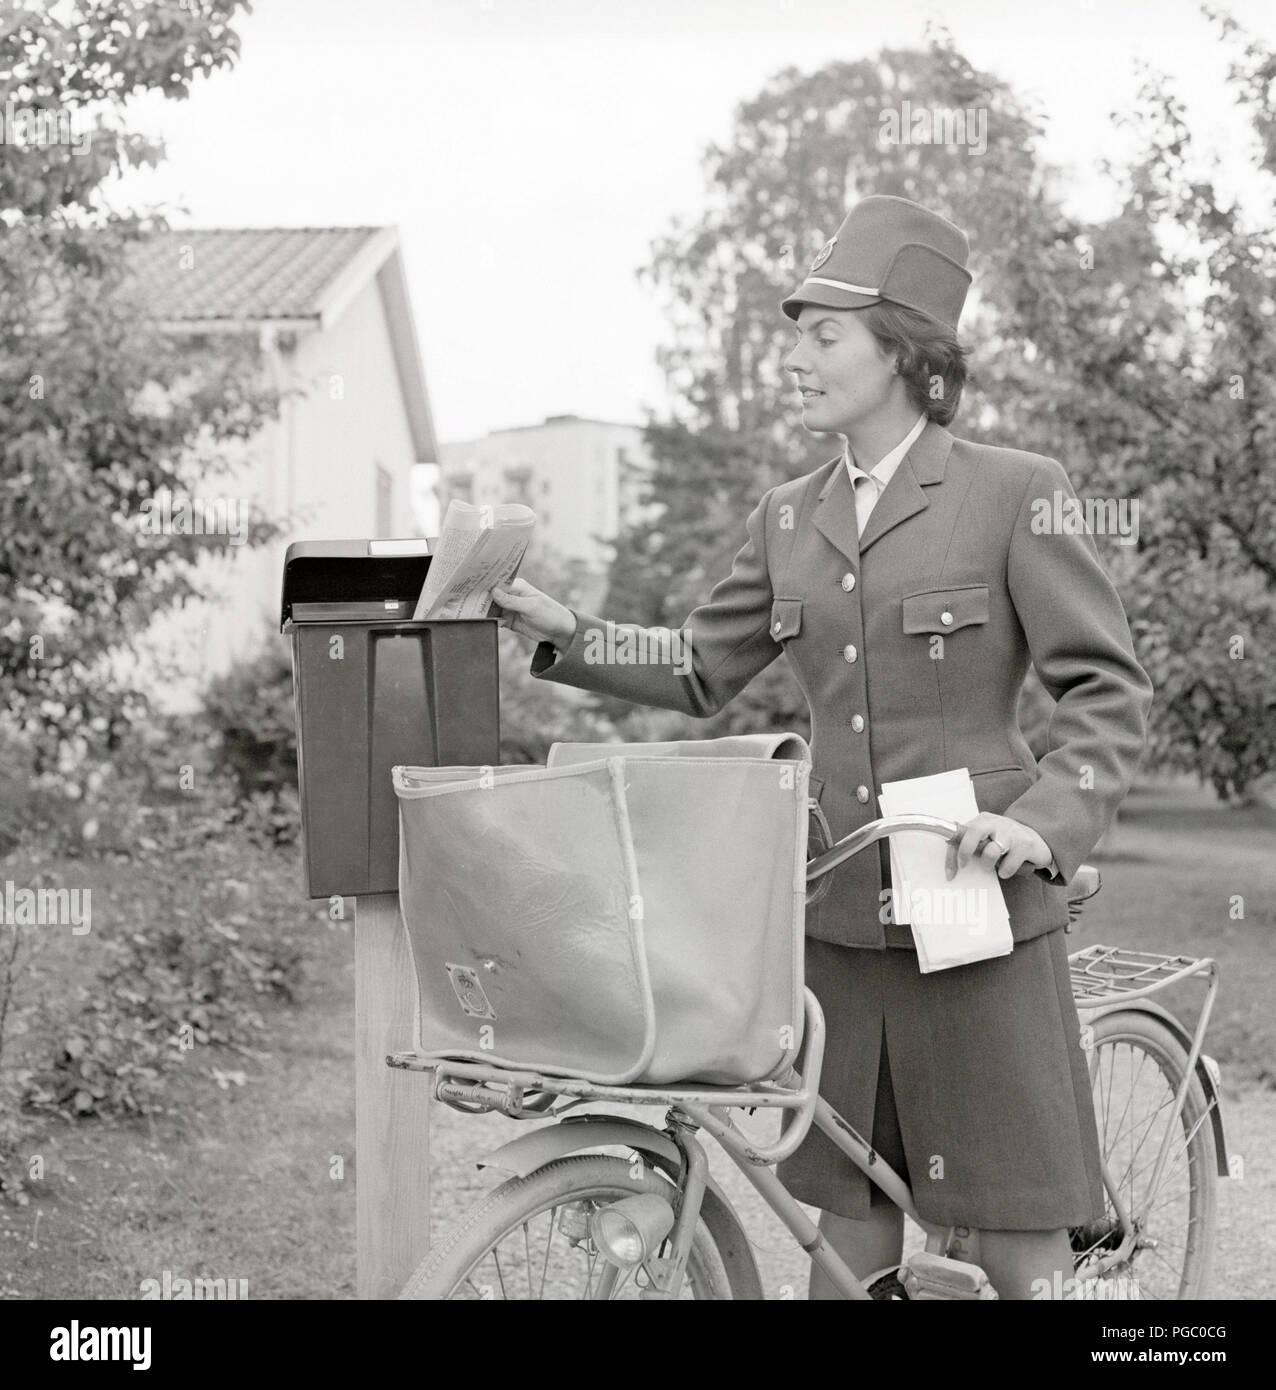 1960 Briefträger. Eine Frau in die schwedische Post einheitliche bietet e-mail, und legen Sie die Briefe in einer Mailbox. Schweden der 60er Jahre. Foto Kristoffersson GD 114-7 Stockbild